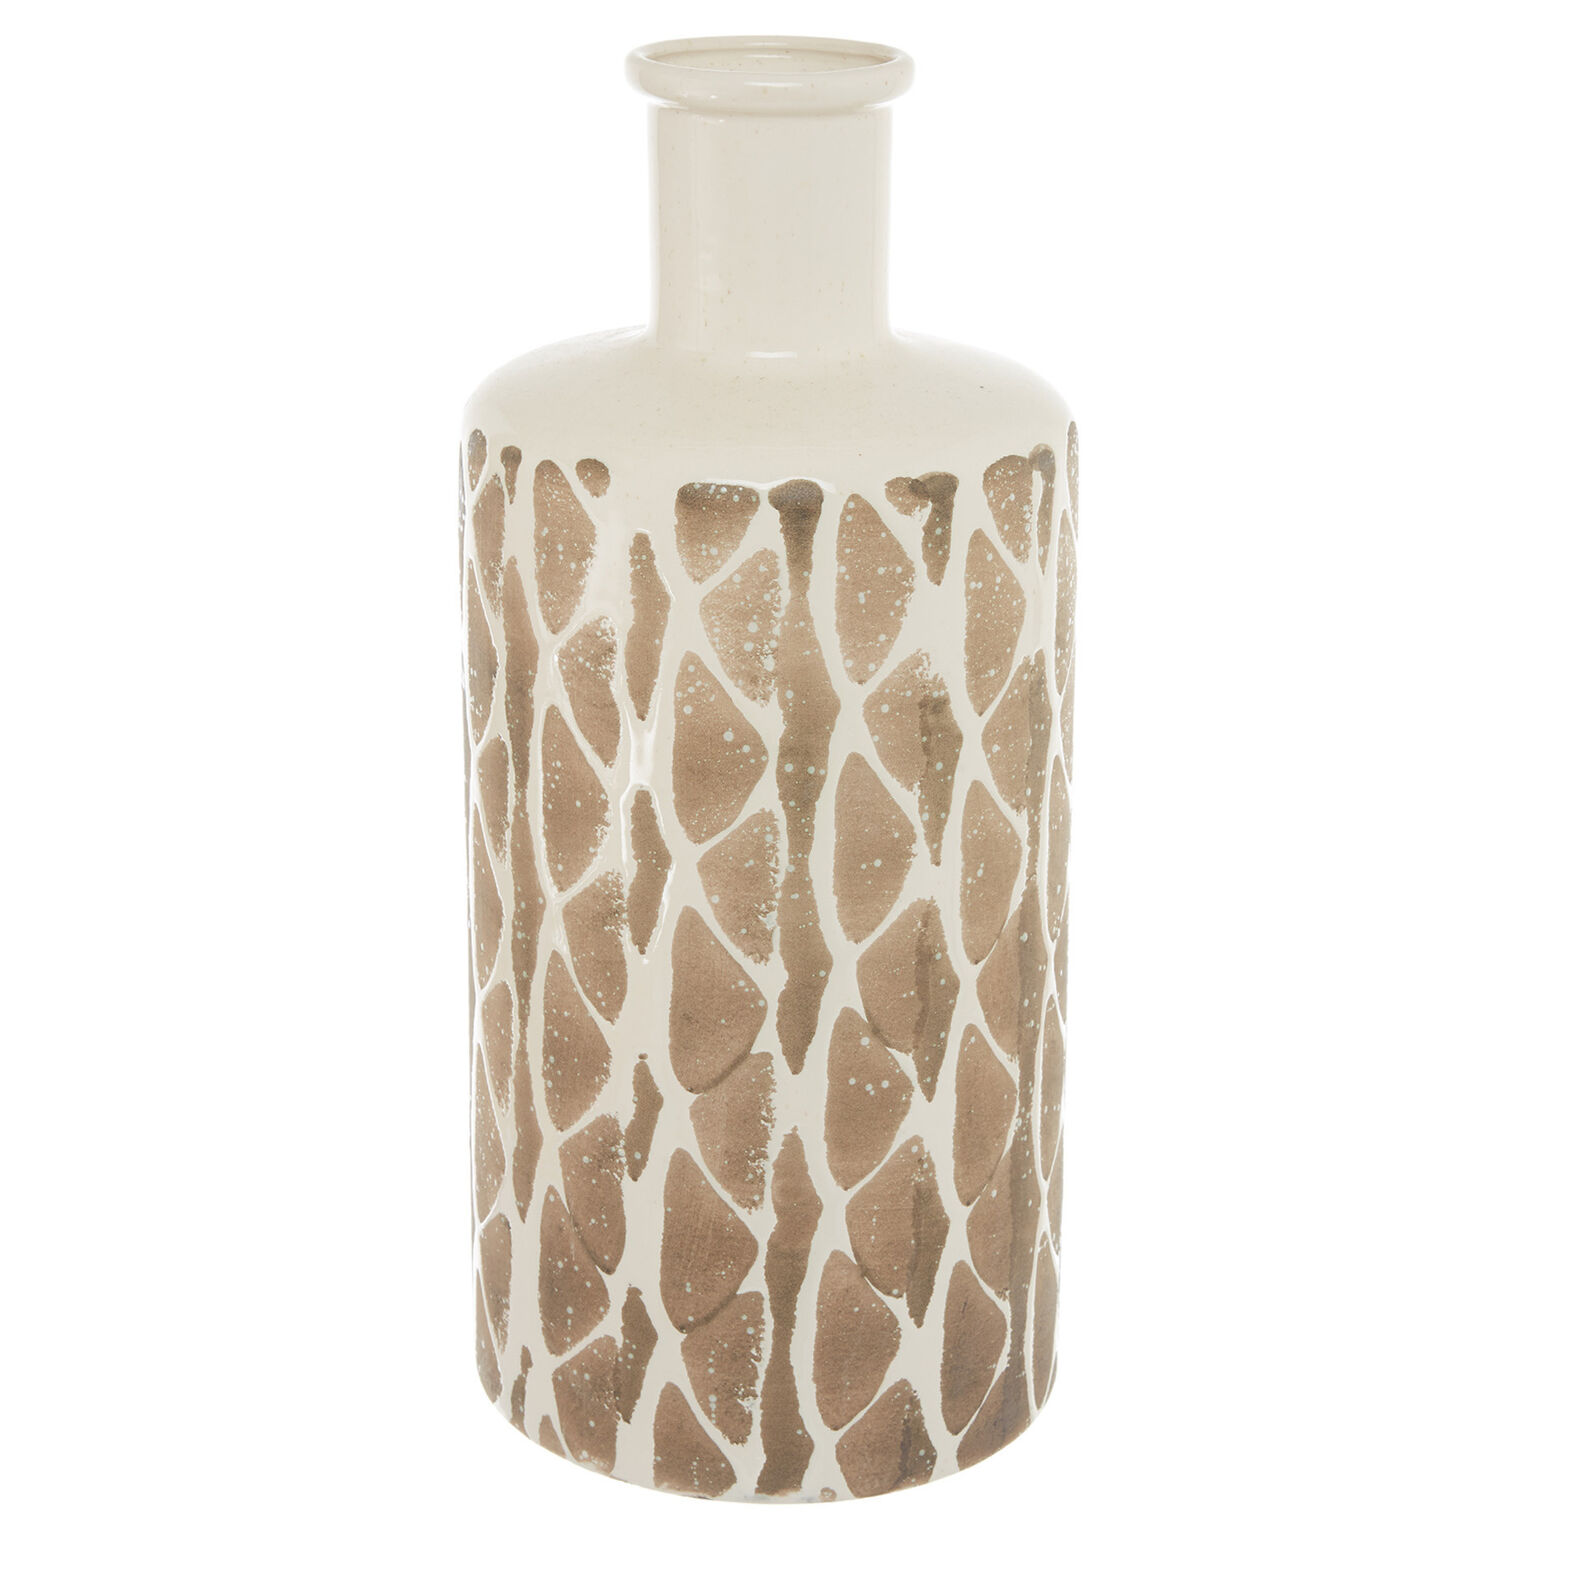 Handmade Portuguese ceramic vase